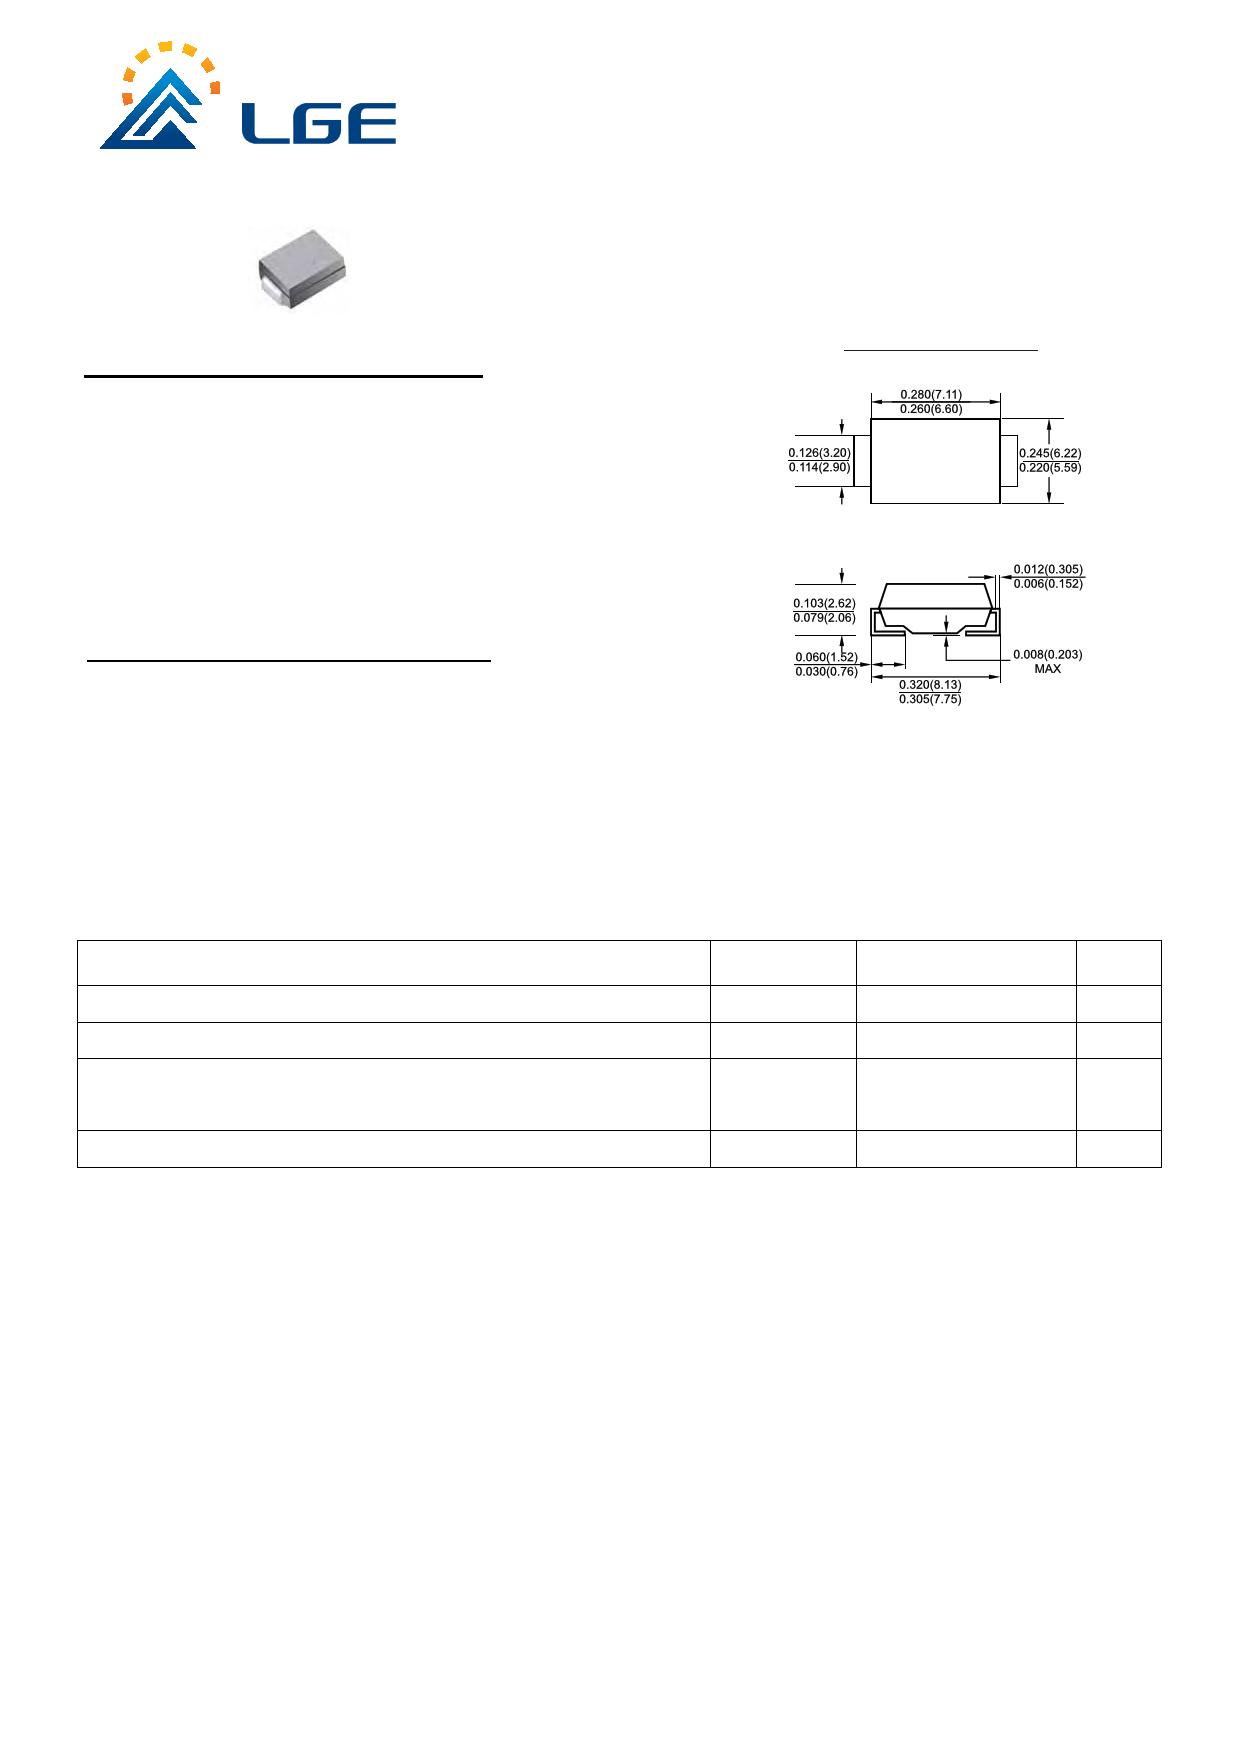 3.0SMCJ15C Datasheet, 3.0SMCJ15C PDF,ピン配置, 機能